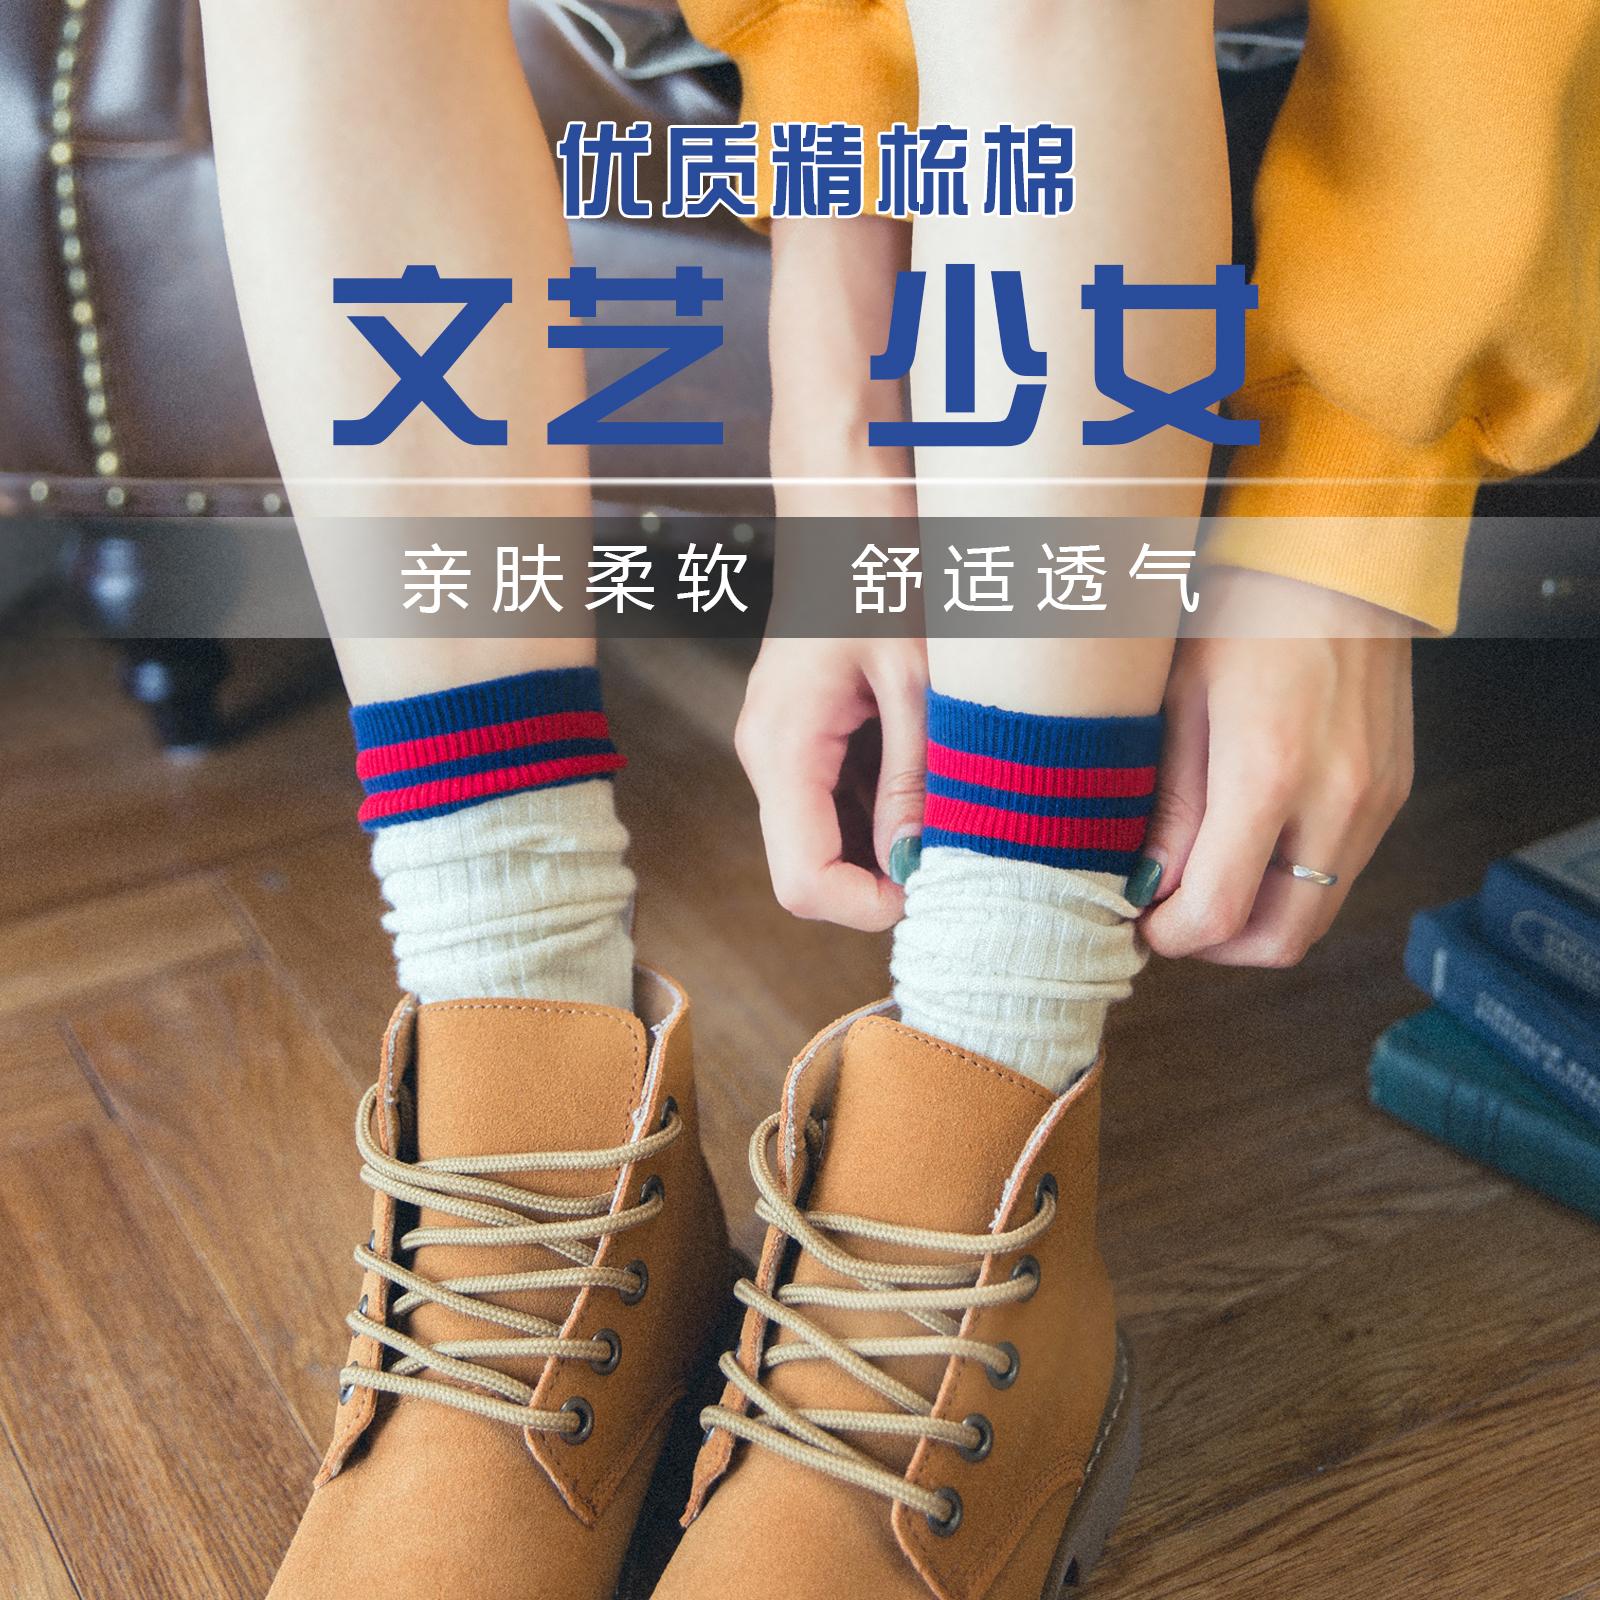 长袜子女中筒袜韩国版学院风日系堆堆袜秋冬季个性百搭条纹纯棉潮